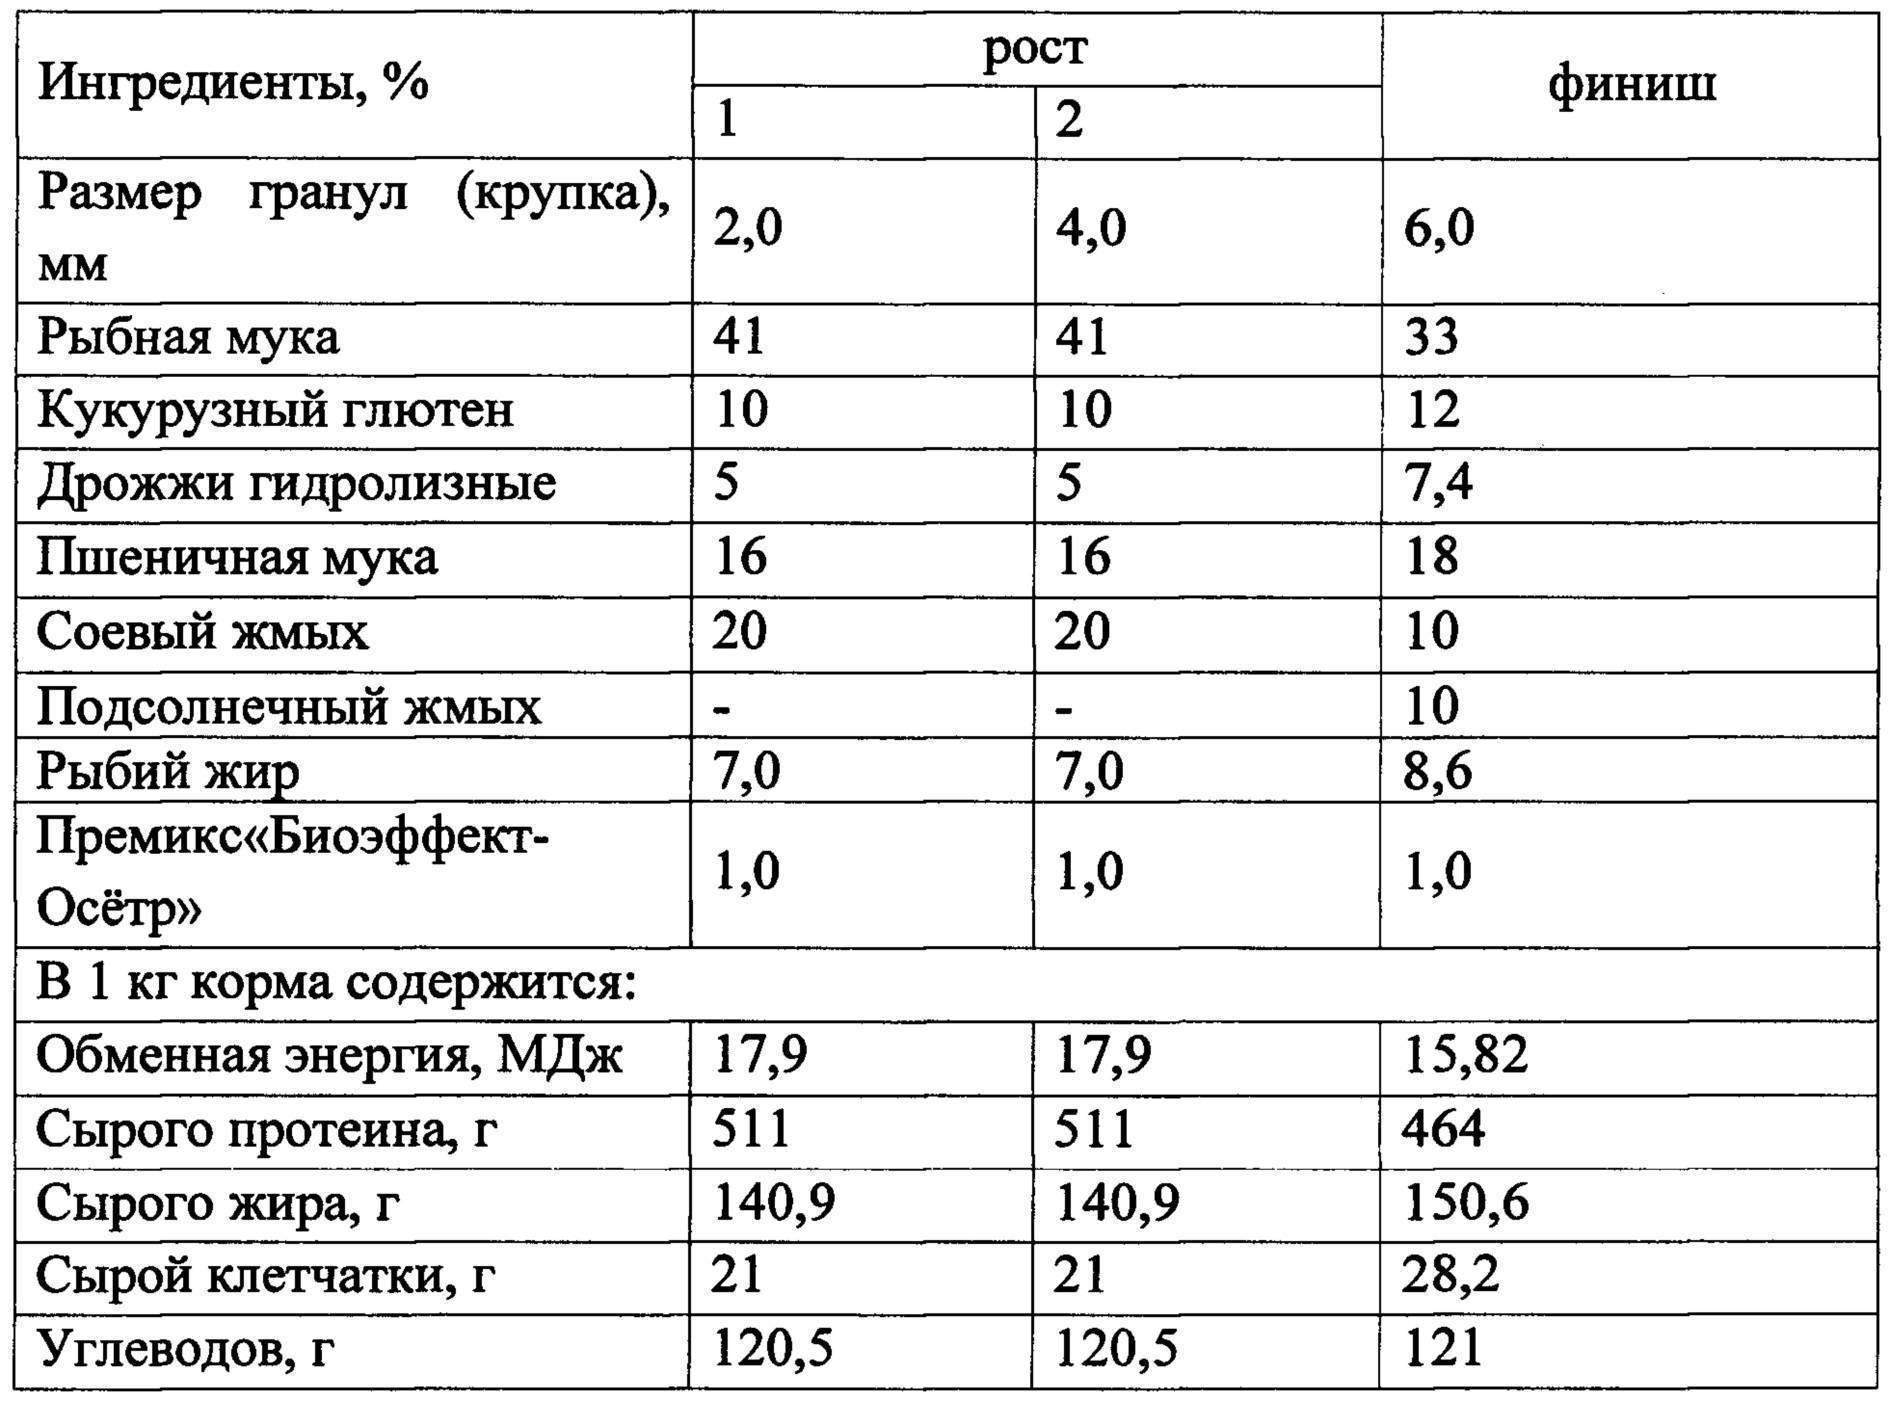 Комбикорм для кур: лучший состав и пропорции, приготовление своими руками